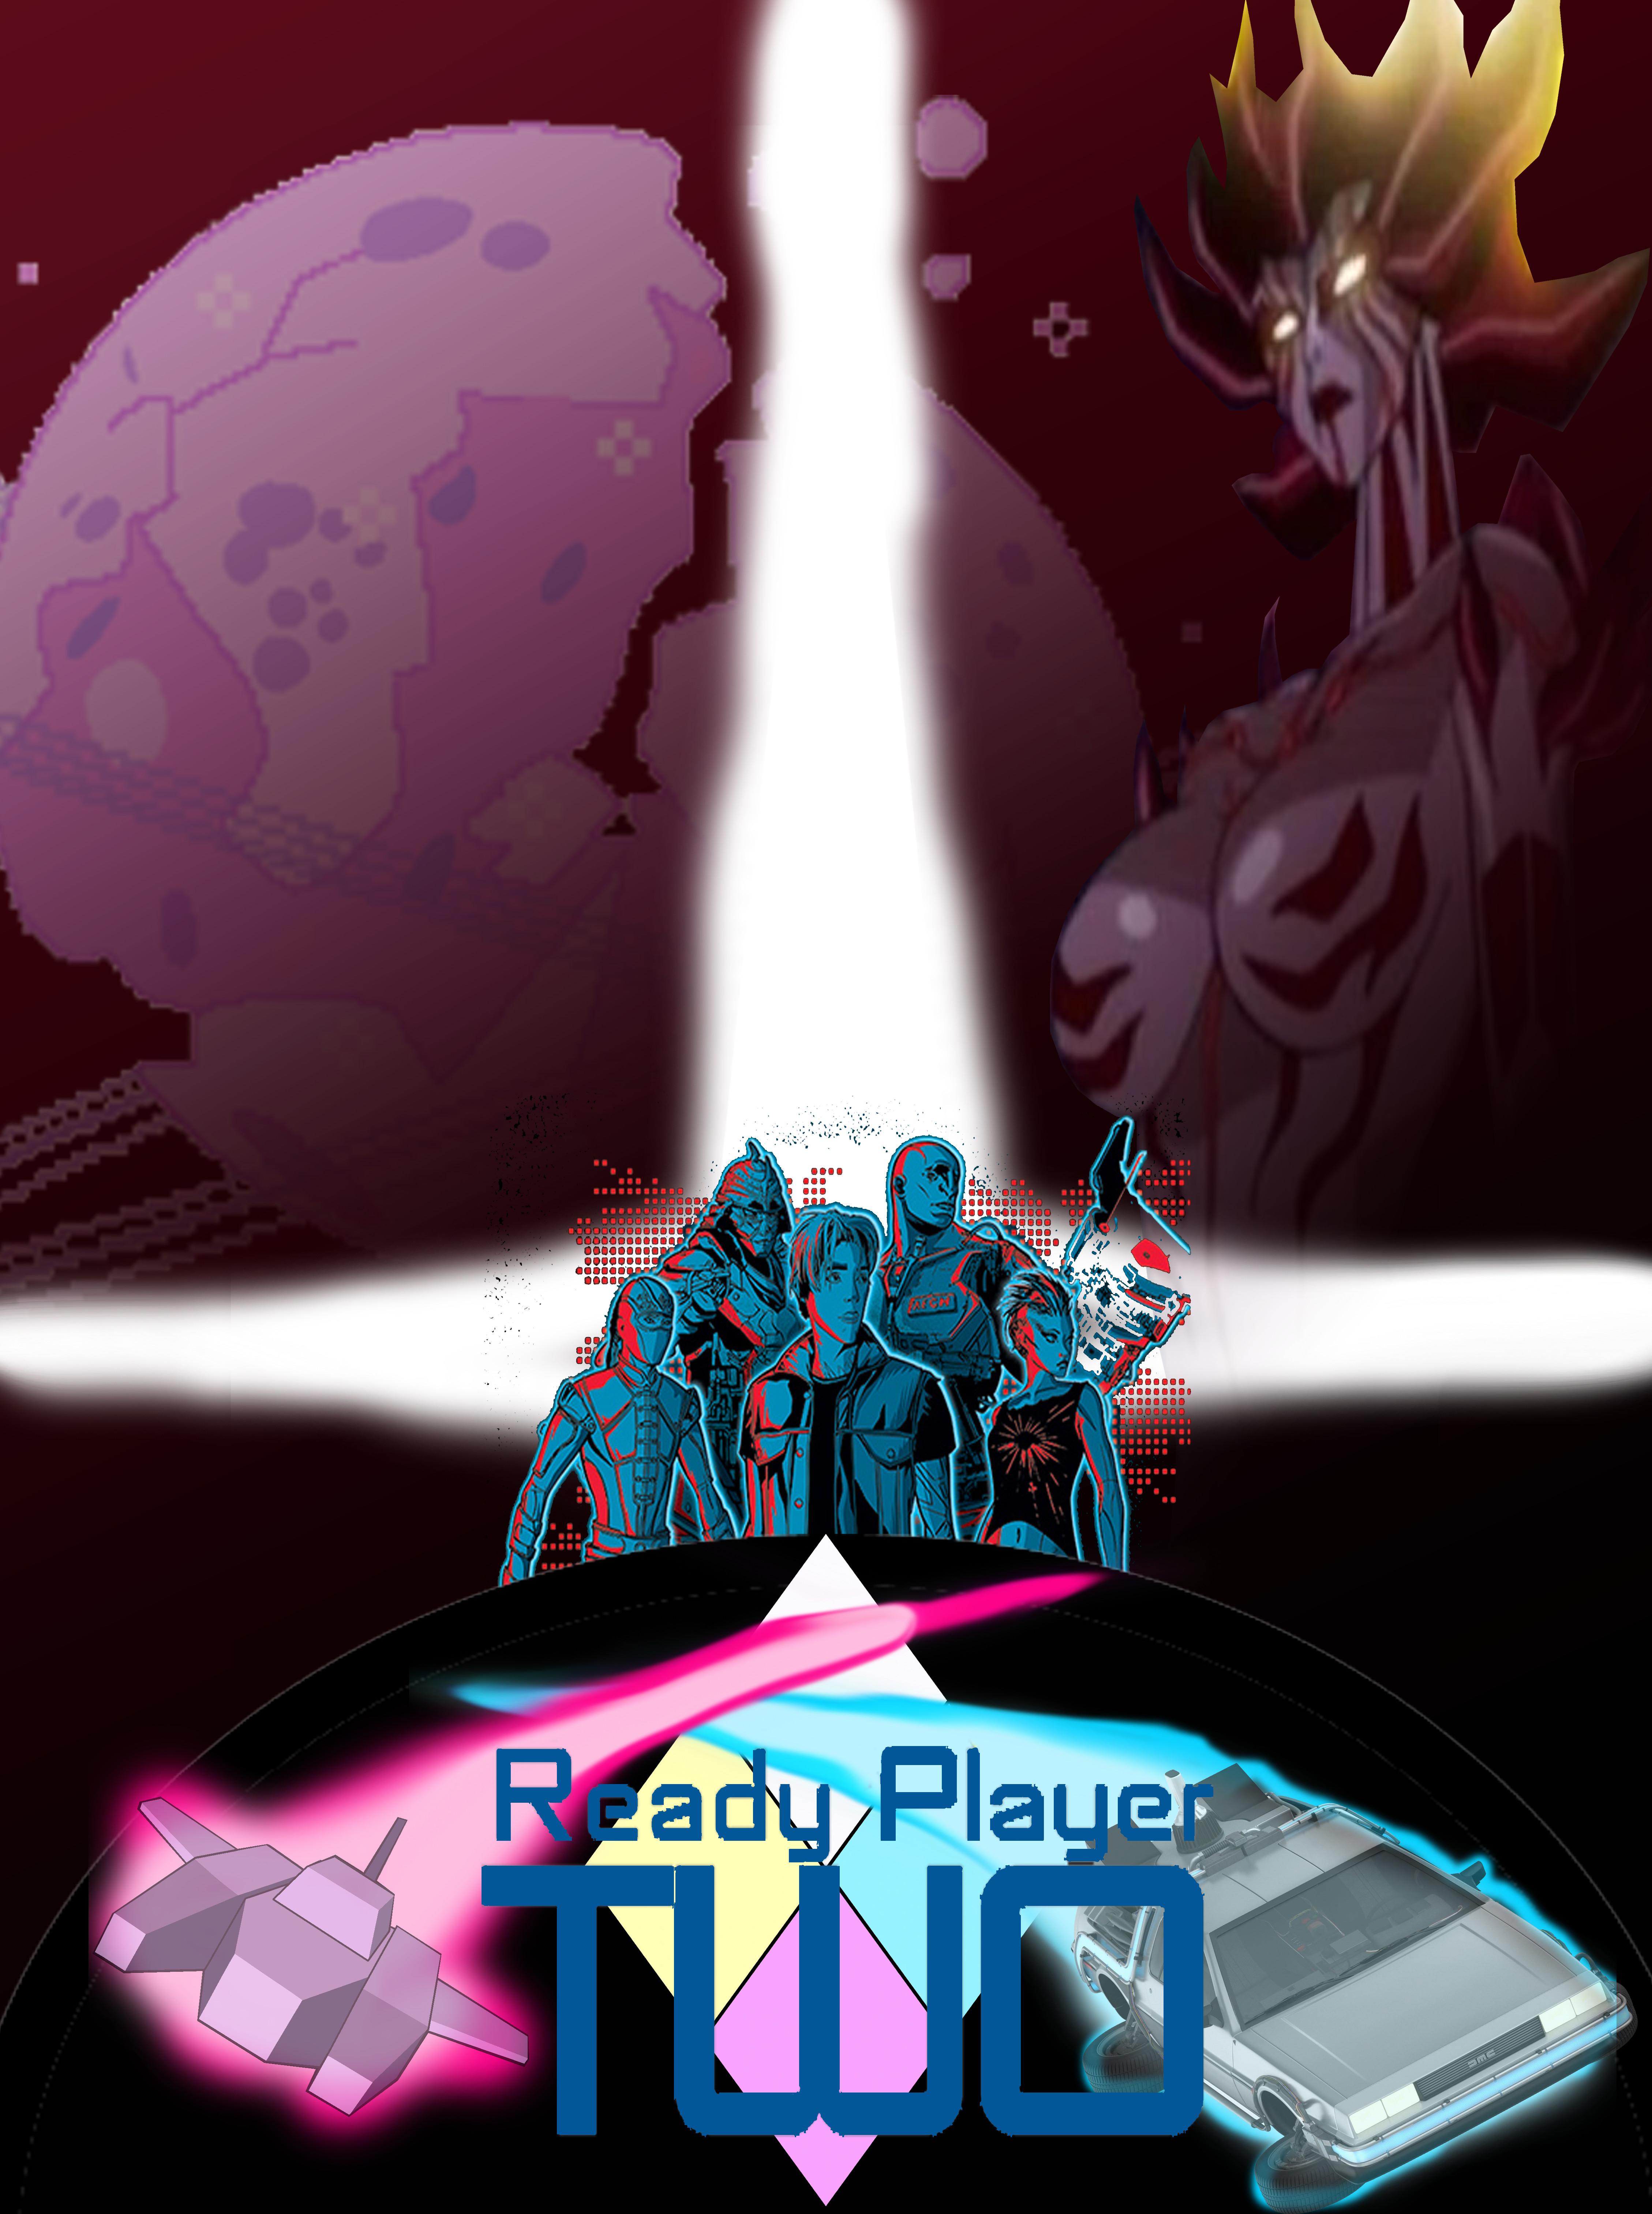 ready player two fan poster by ajsplatoon on deviantart deviantart